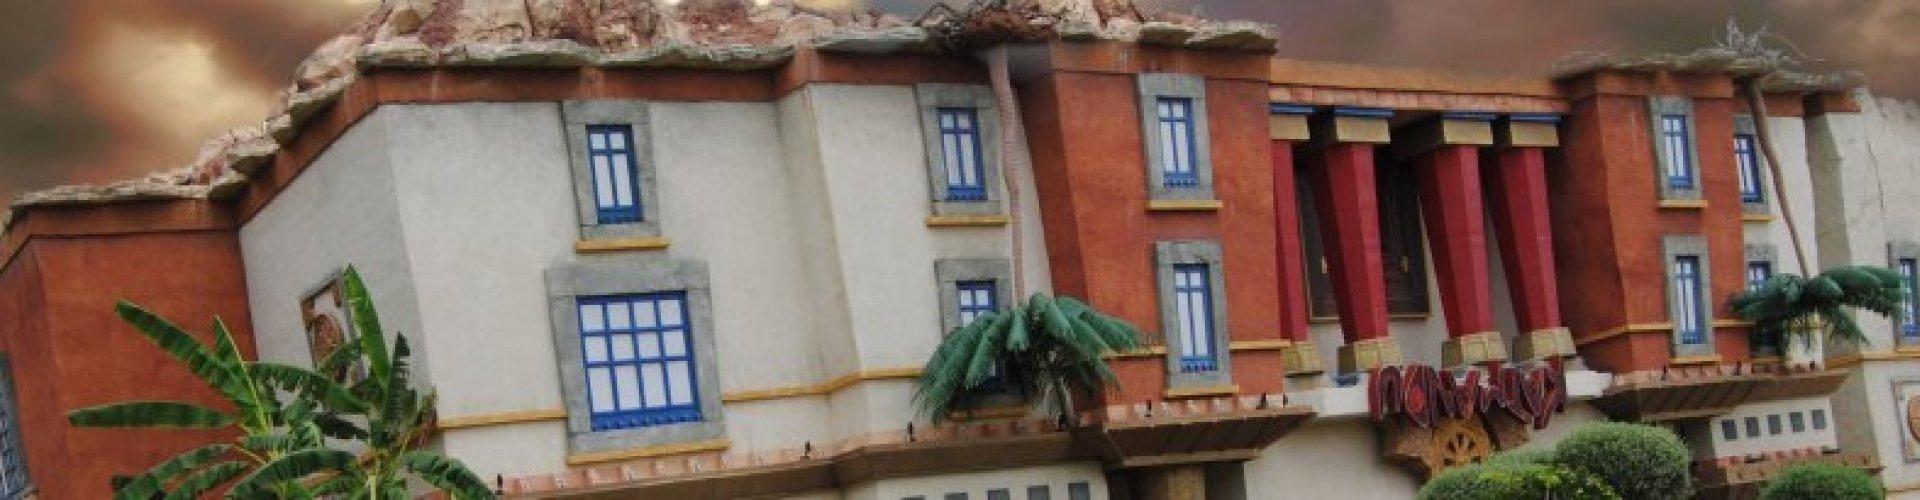 golf fantasia house of katmandu port de soller mallorca spanien 2